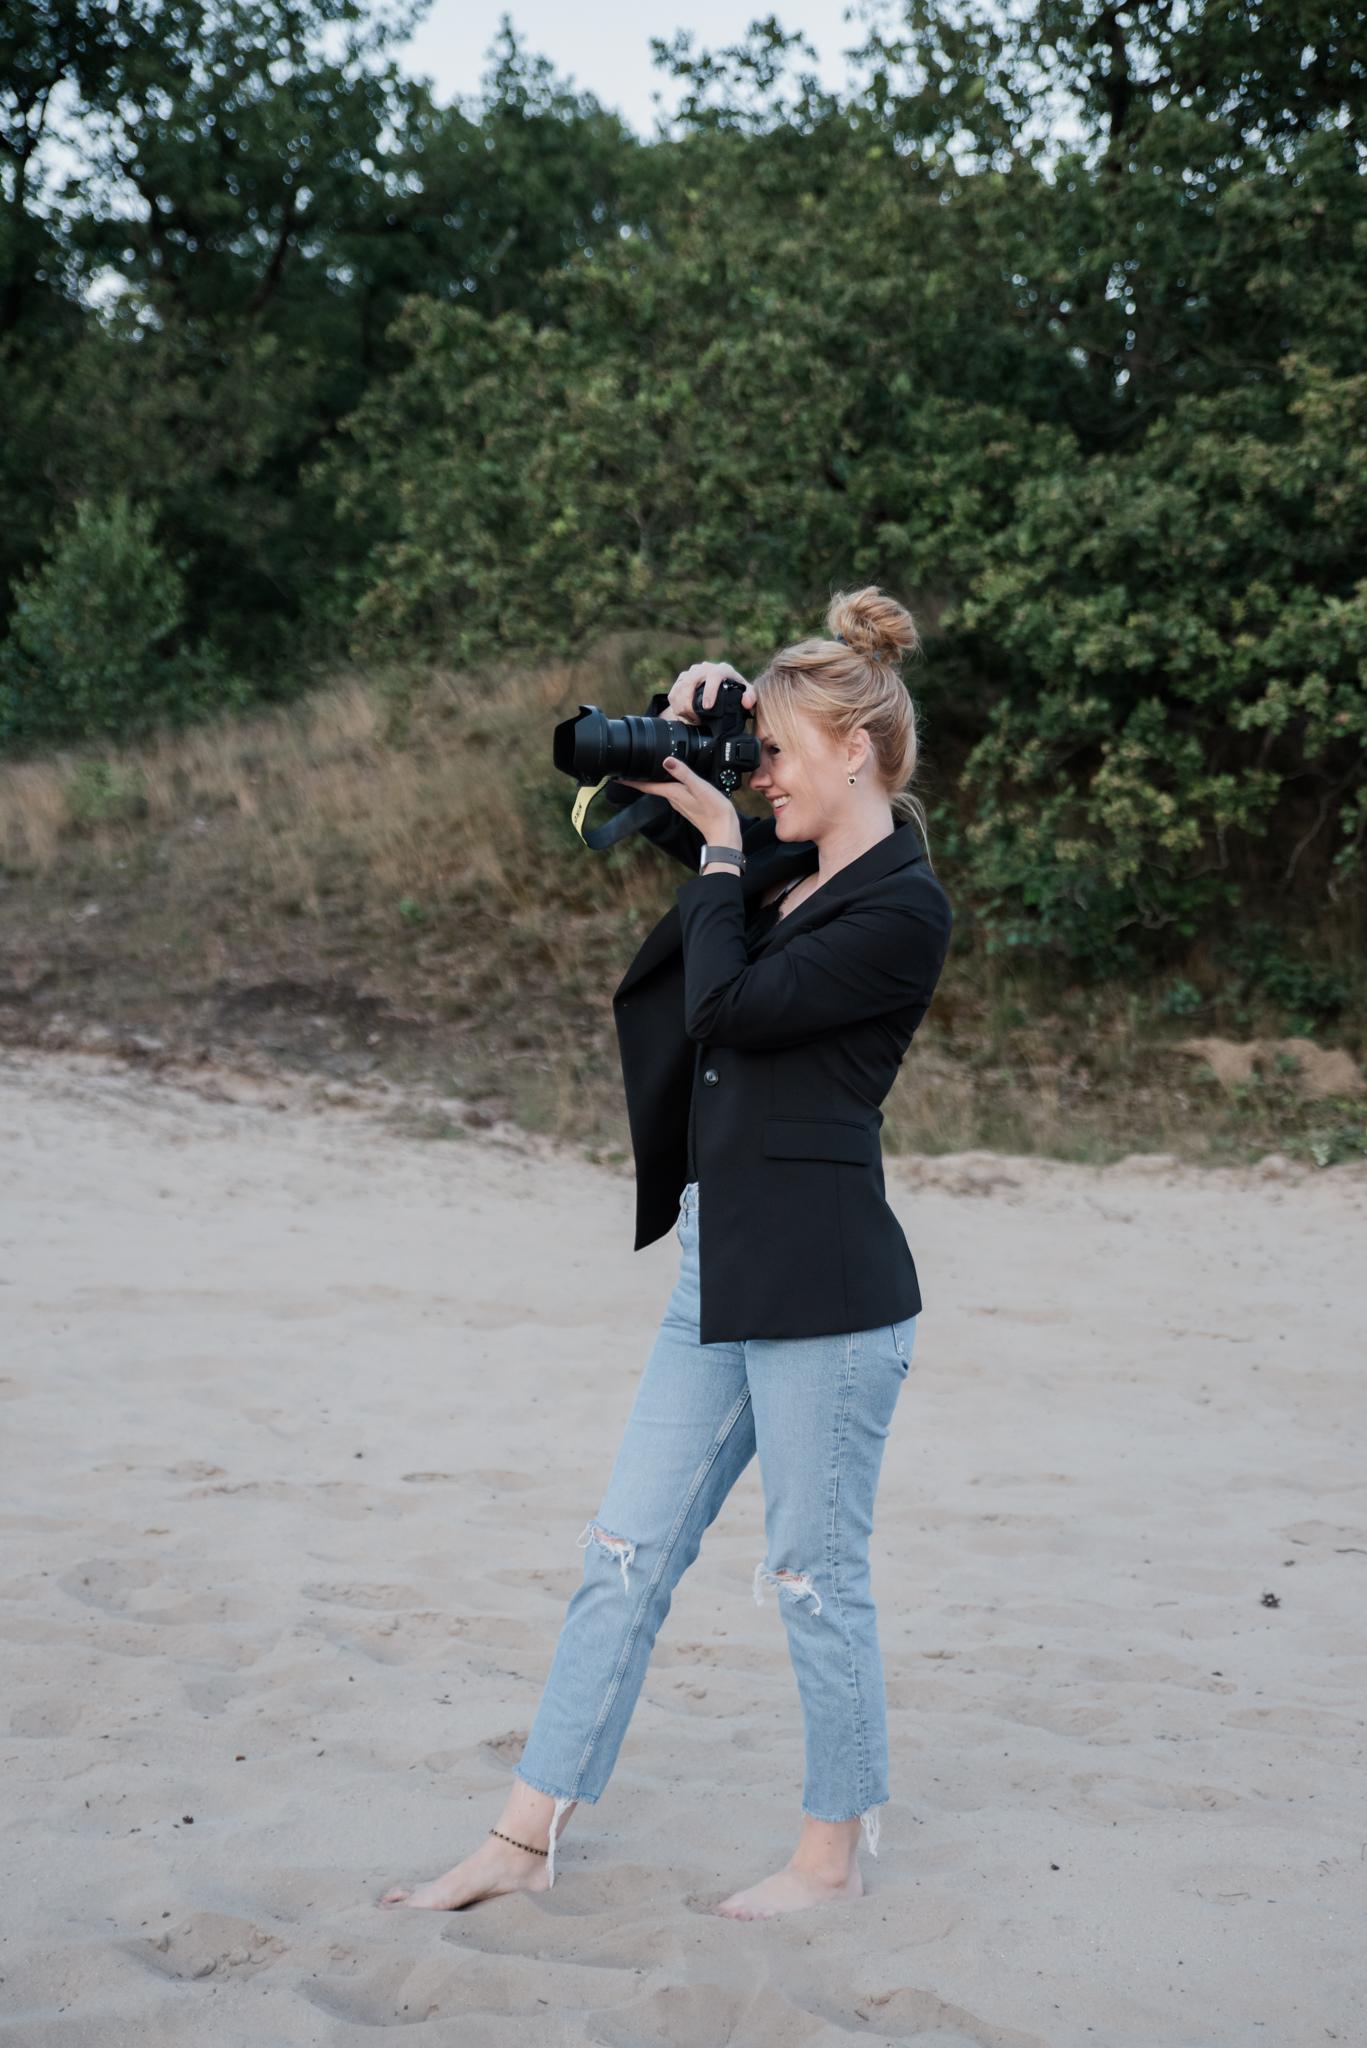 Kelly Petri - Fotoshoot op de hei 2